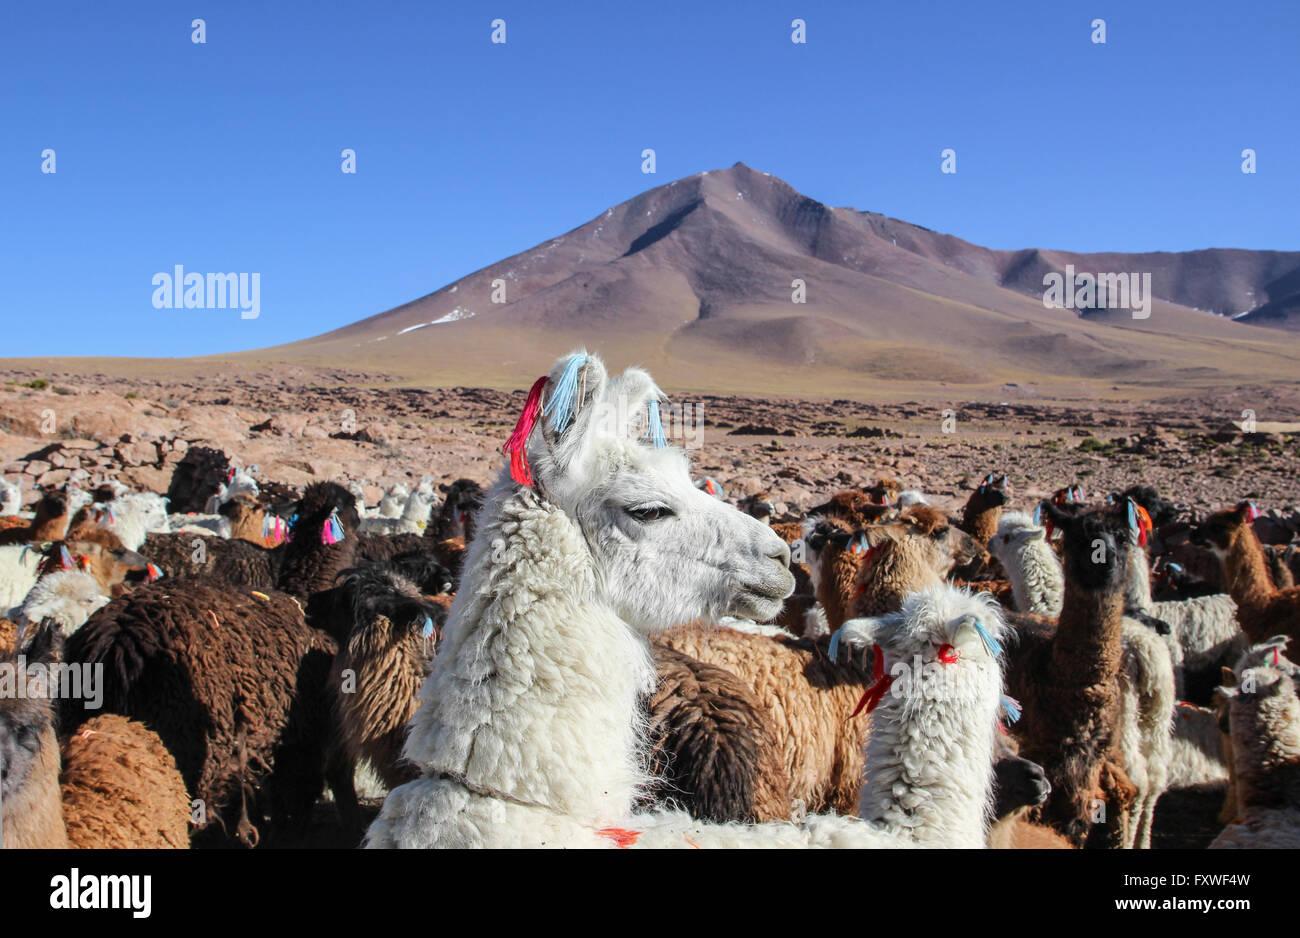 Bolivia -  20/08/2013  -  Bolivia / Uyuni  -  Lagunes, herd of lamas   -  Sandrine Huet / Le Pictorium - Stock Image